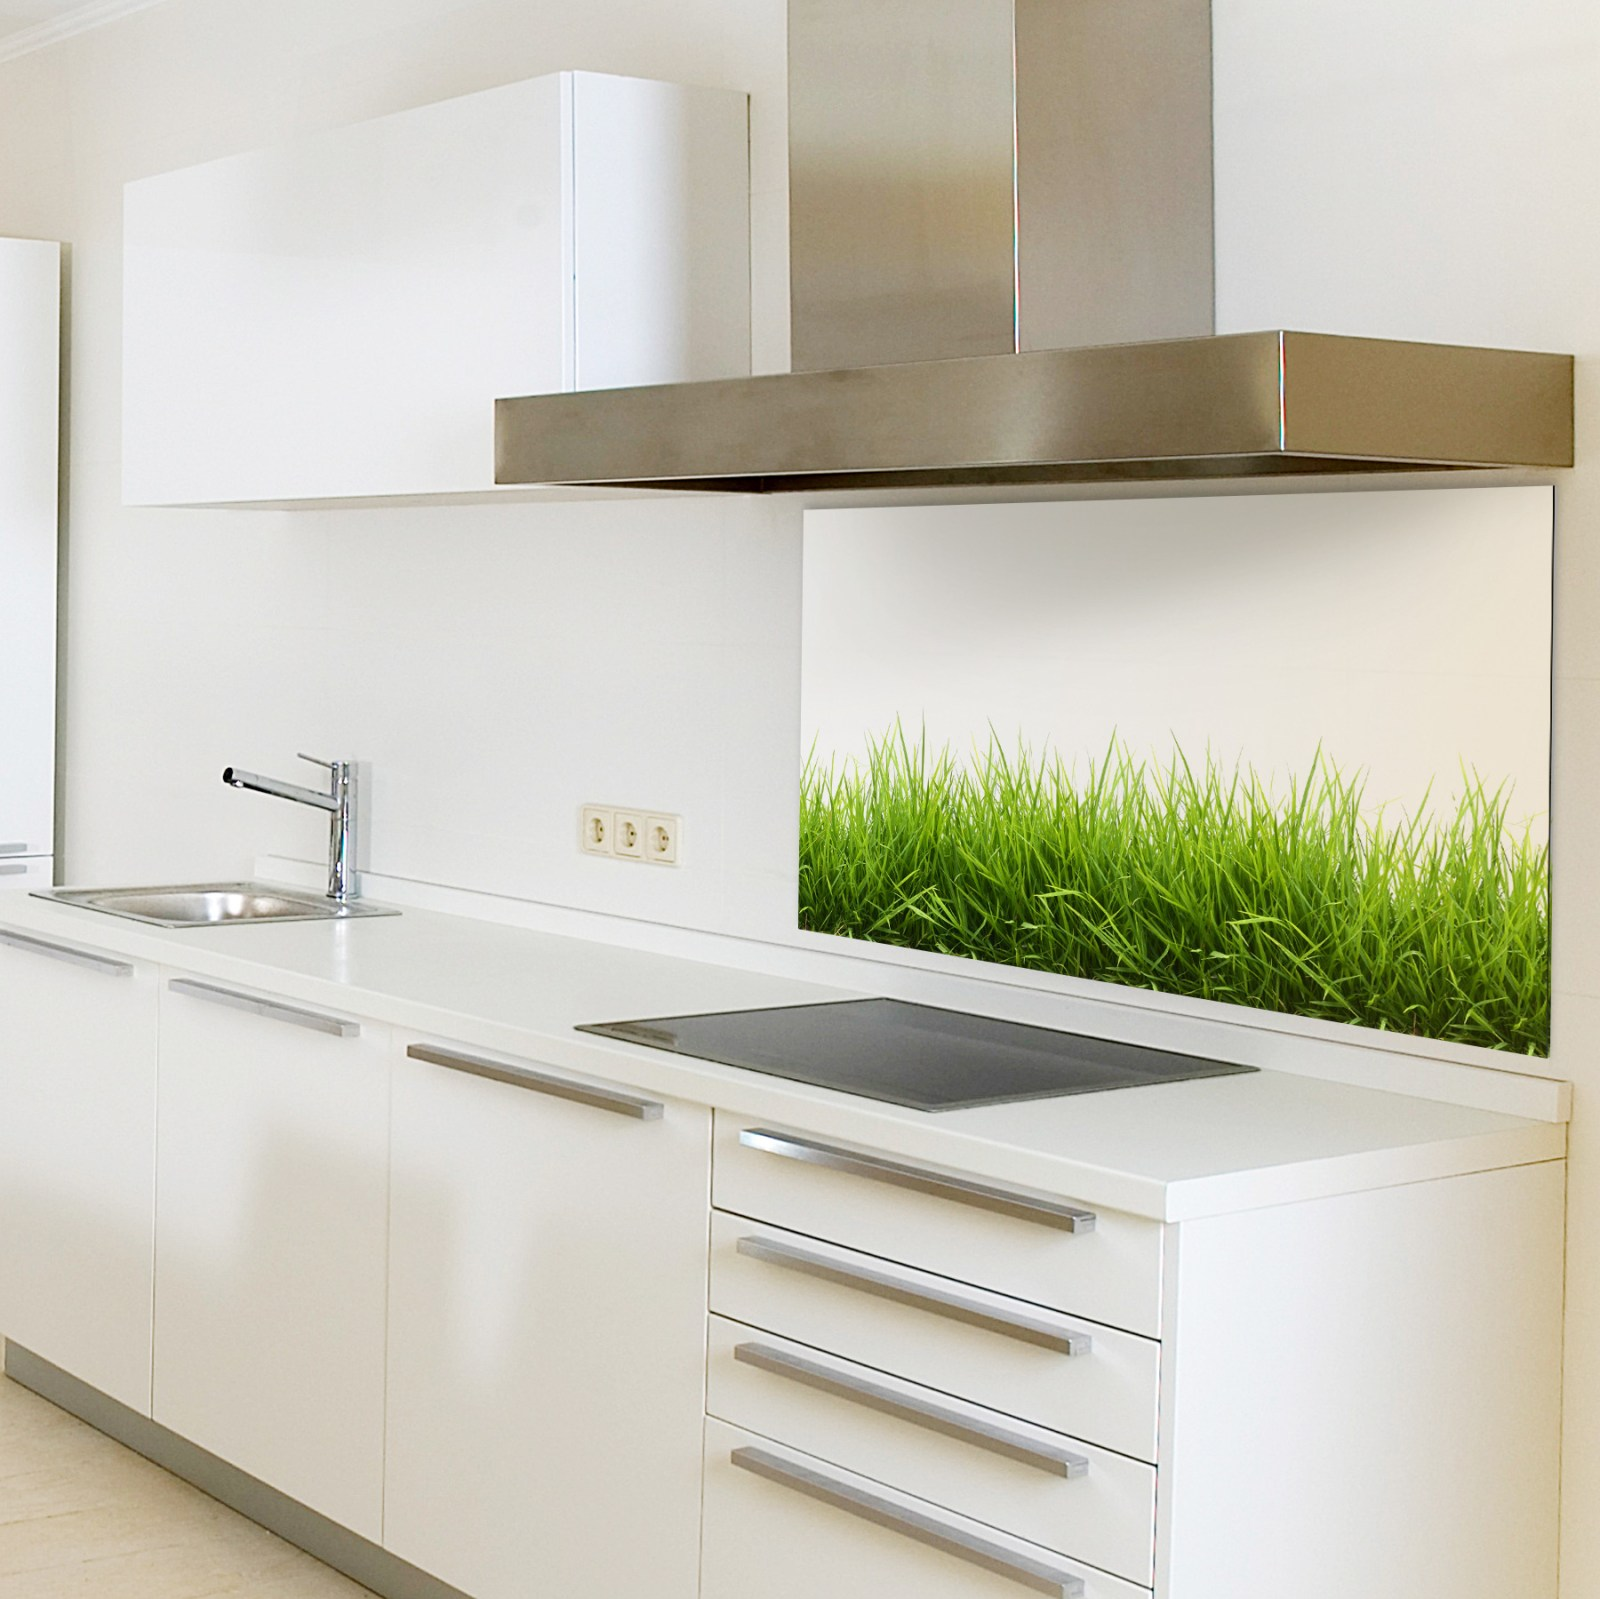 Küchenrückwand aus Glas, Motiv Gras, keine Folie! Auch als ...